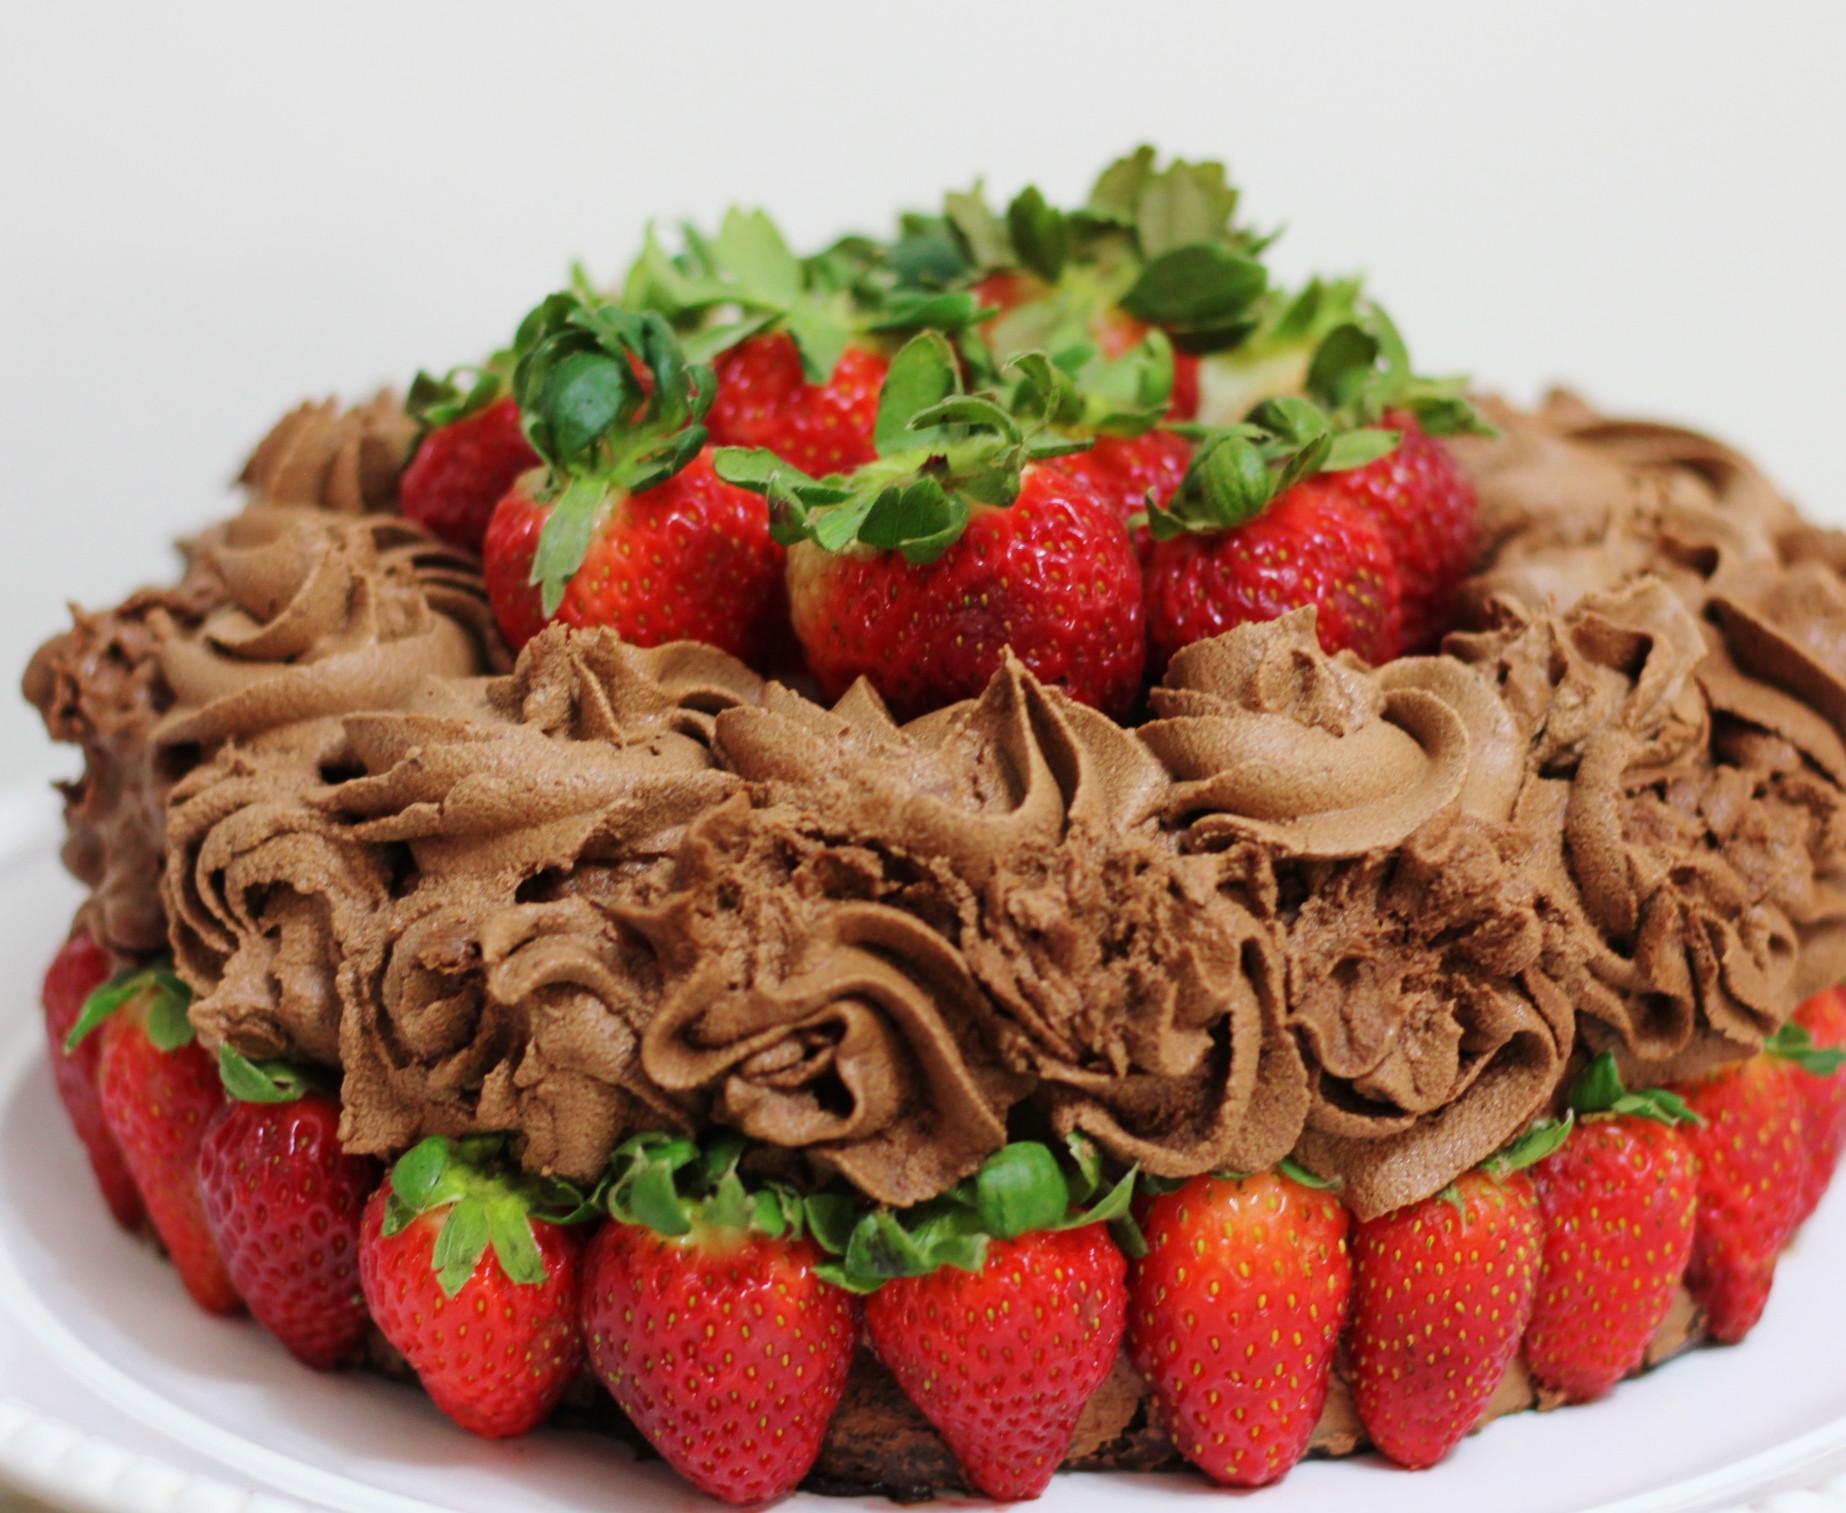 Gluten Free Dairy Free Birthday Cake  The Ultimate Chocolate Birthday Cake gluten free dairy